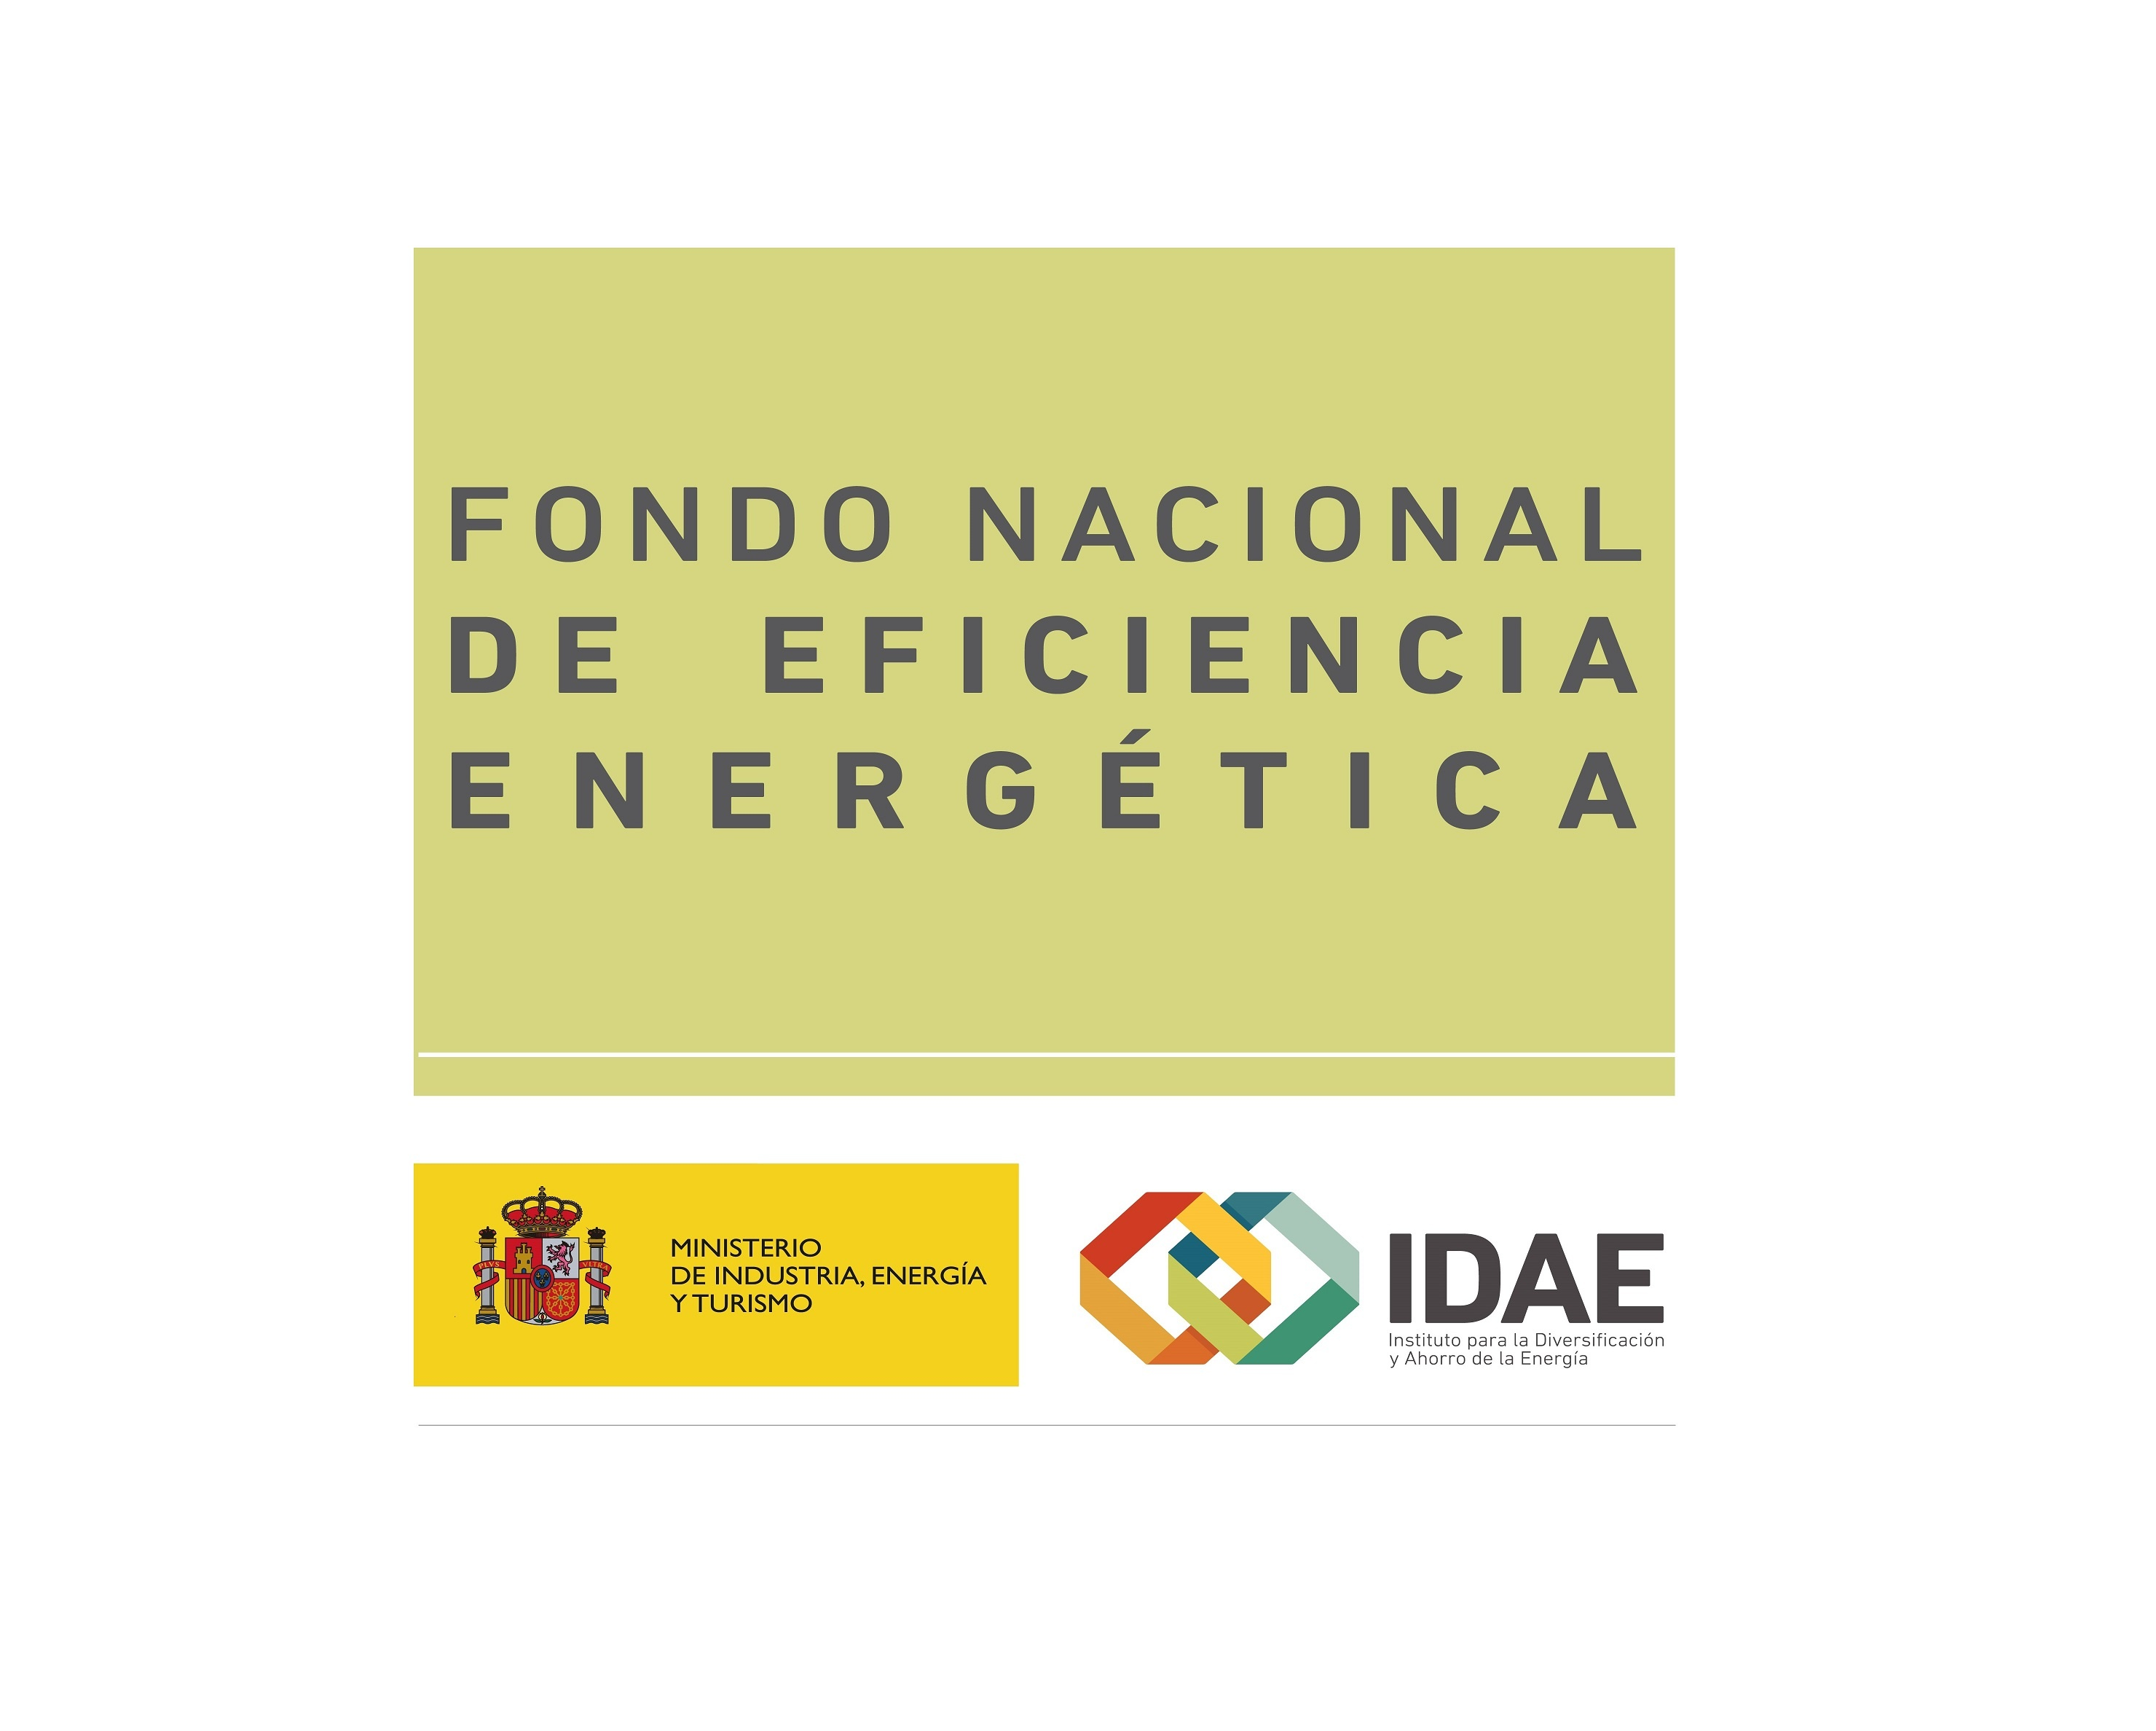 Obligaciones de aportación al Fondo Nacional de Eficiencia Energética para 2017